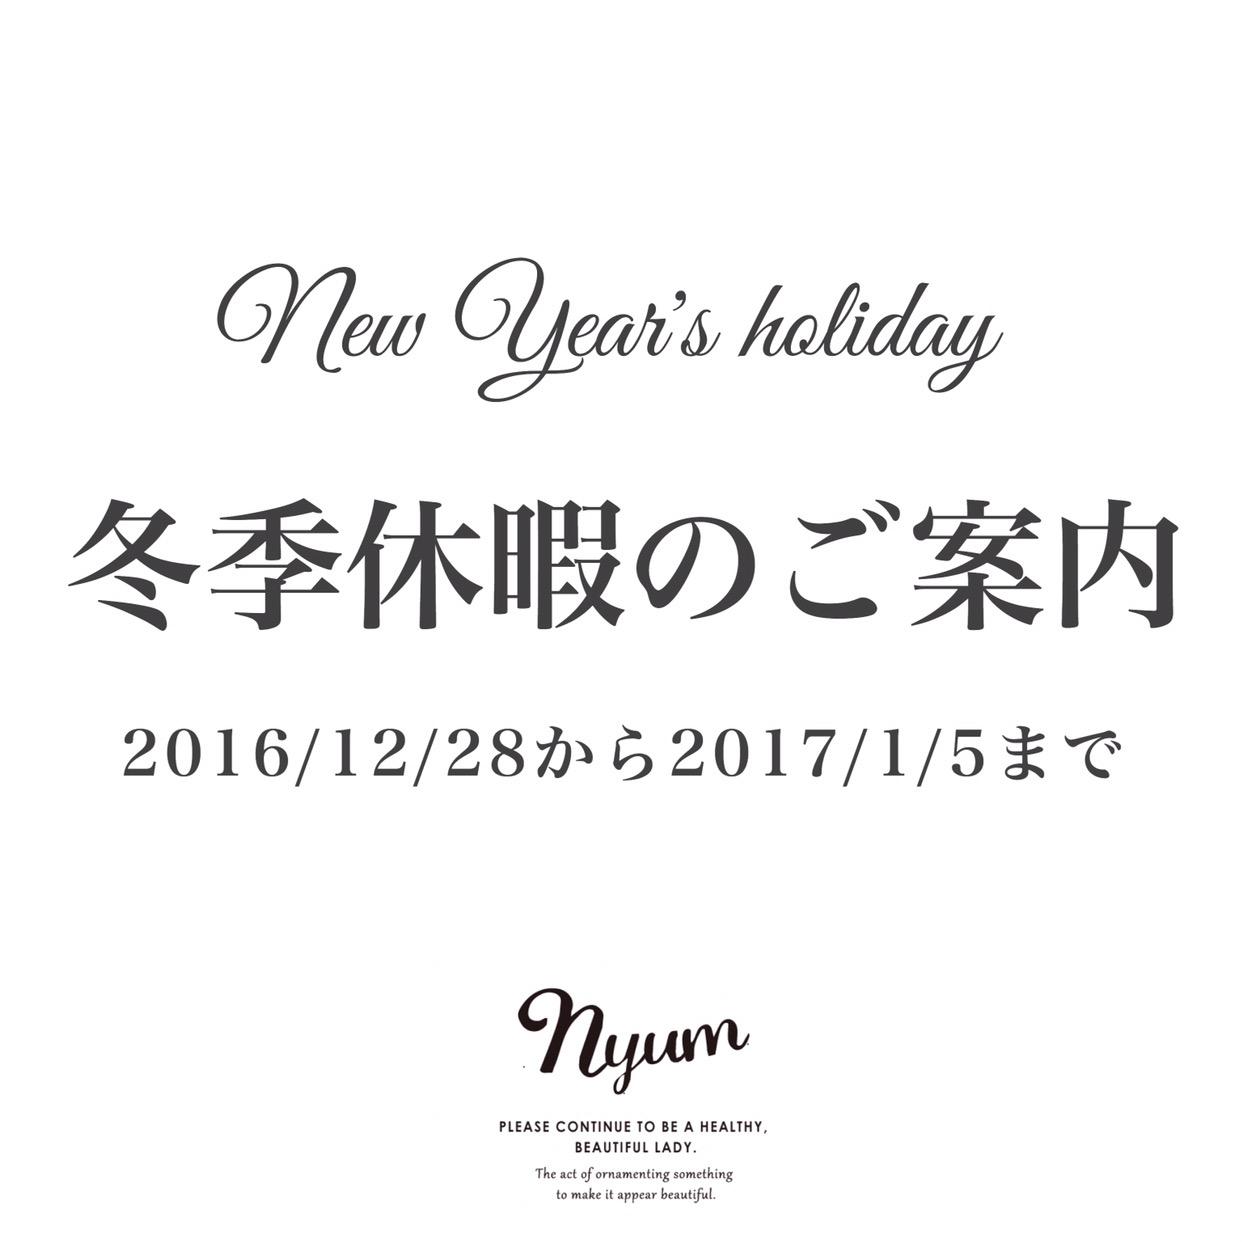 【12月28日~1月5日】冬季休暇のご案内